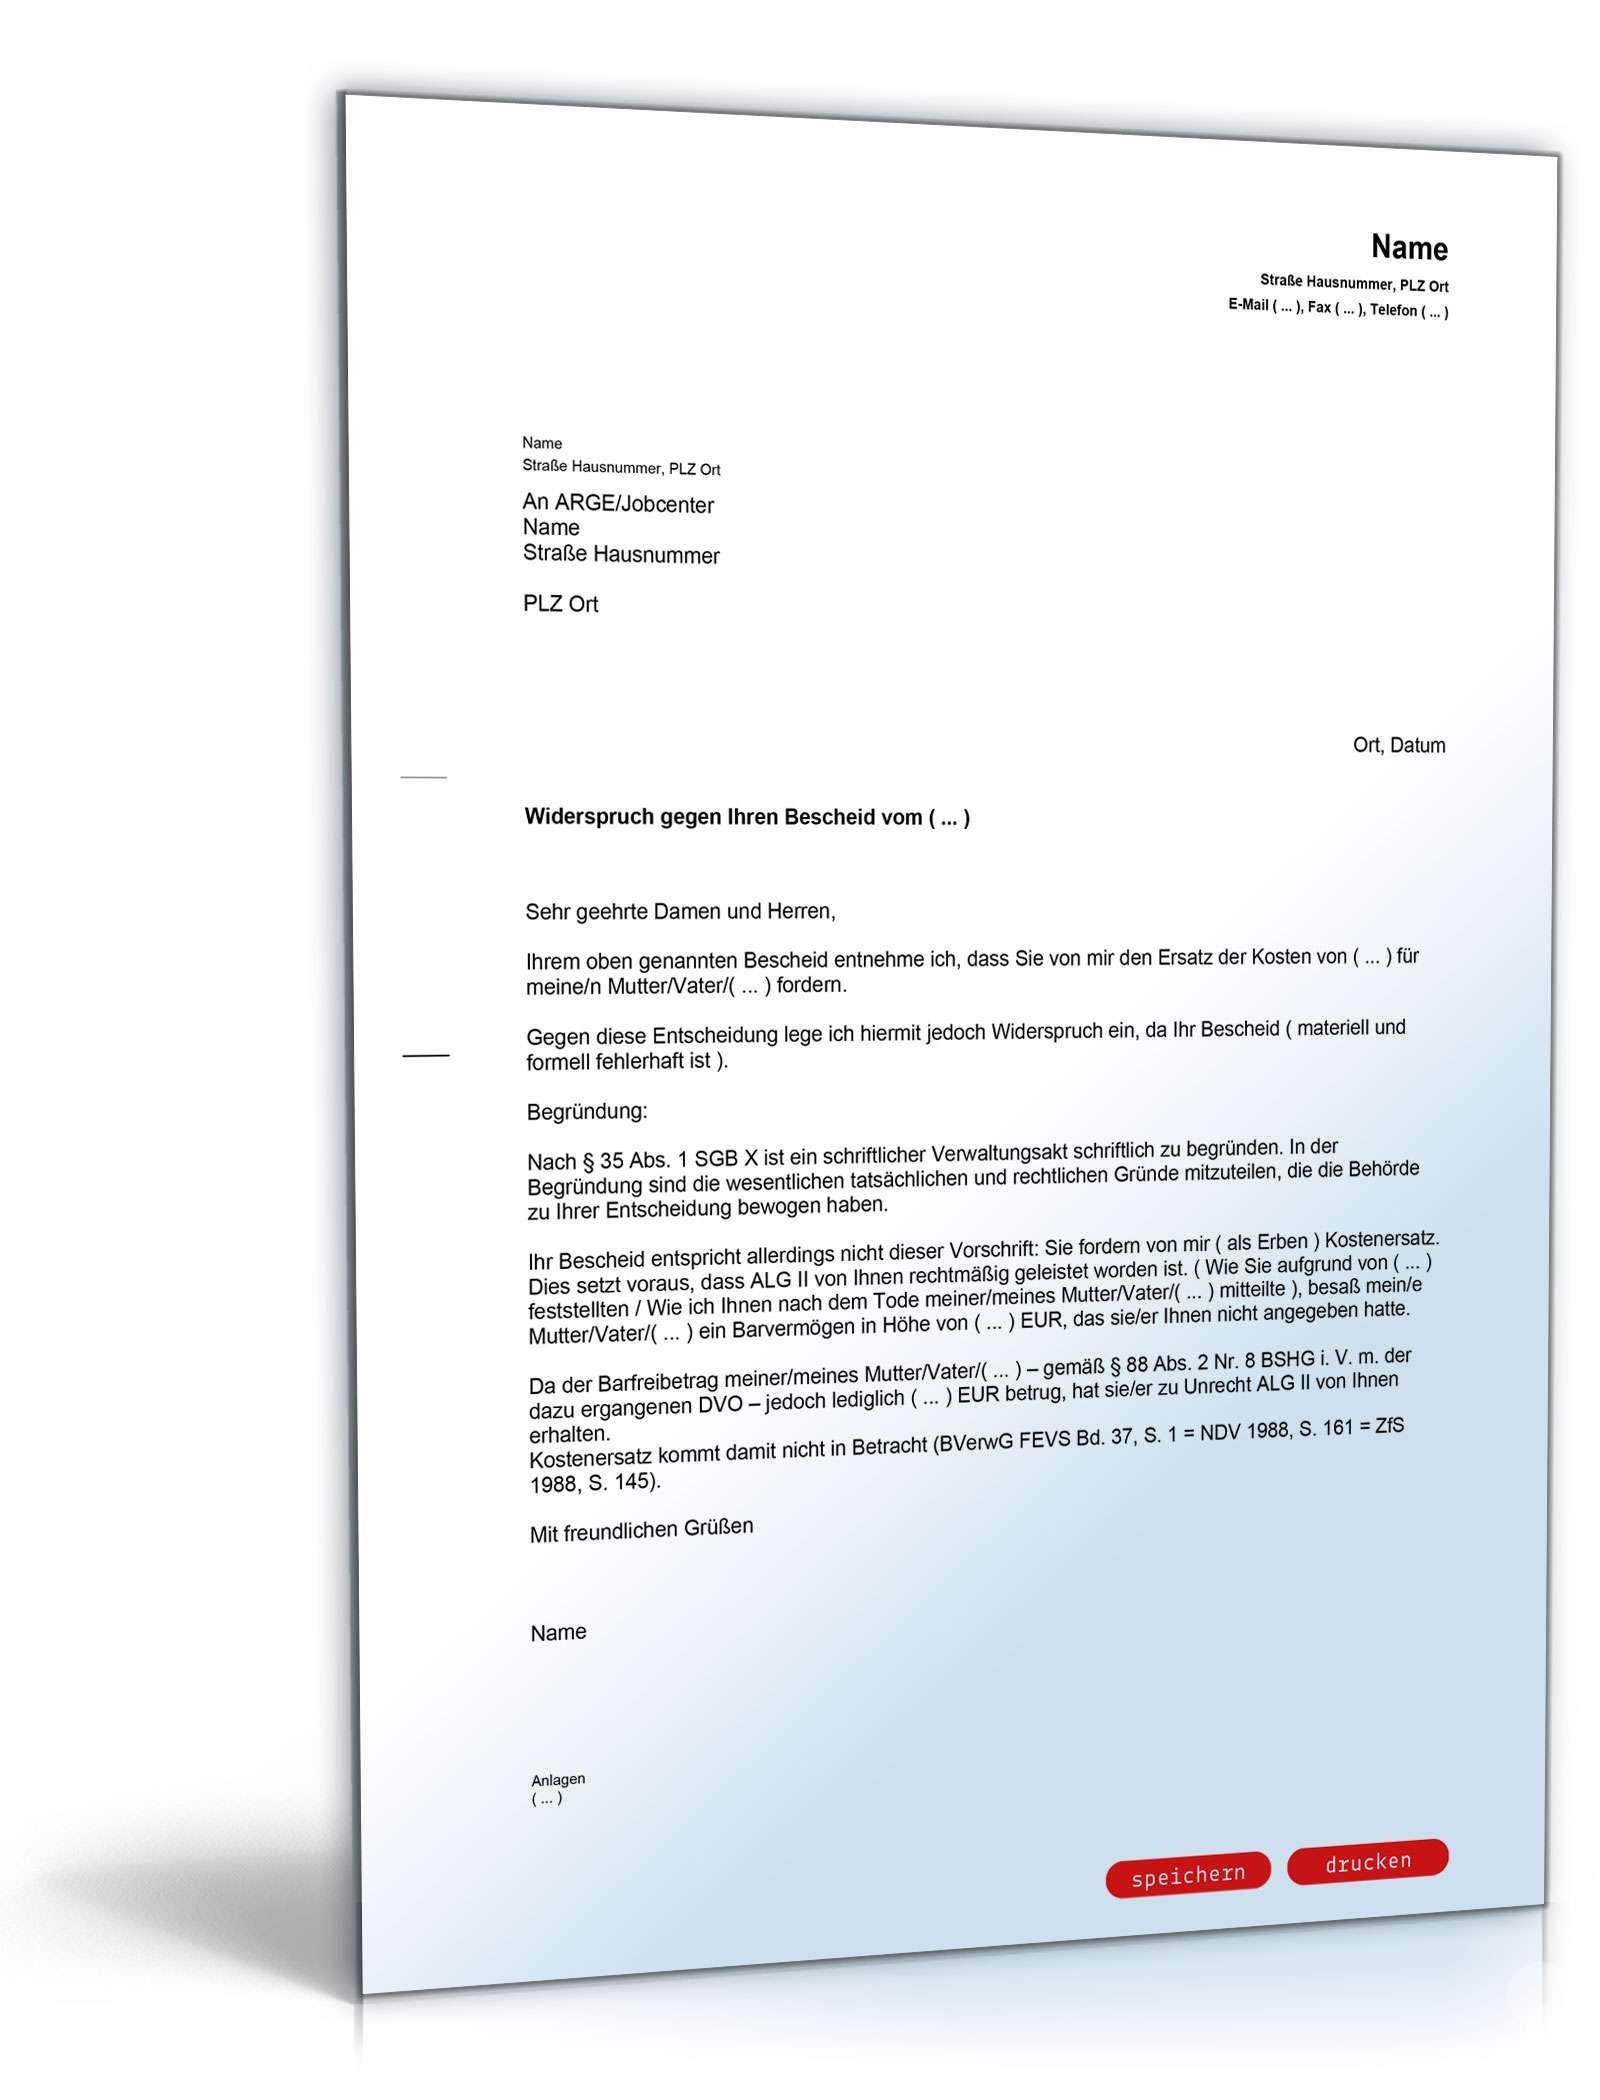 Widerspruch Rückzahlung Alg Ii Für Angehörige Vorlage Zum Download